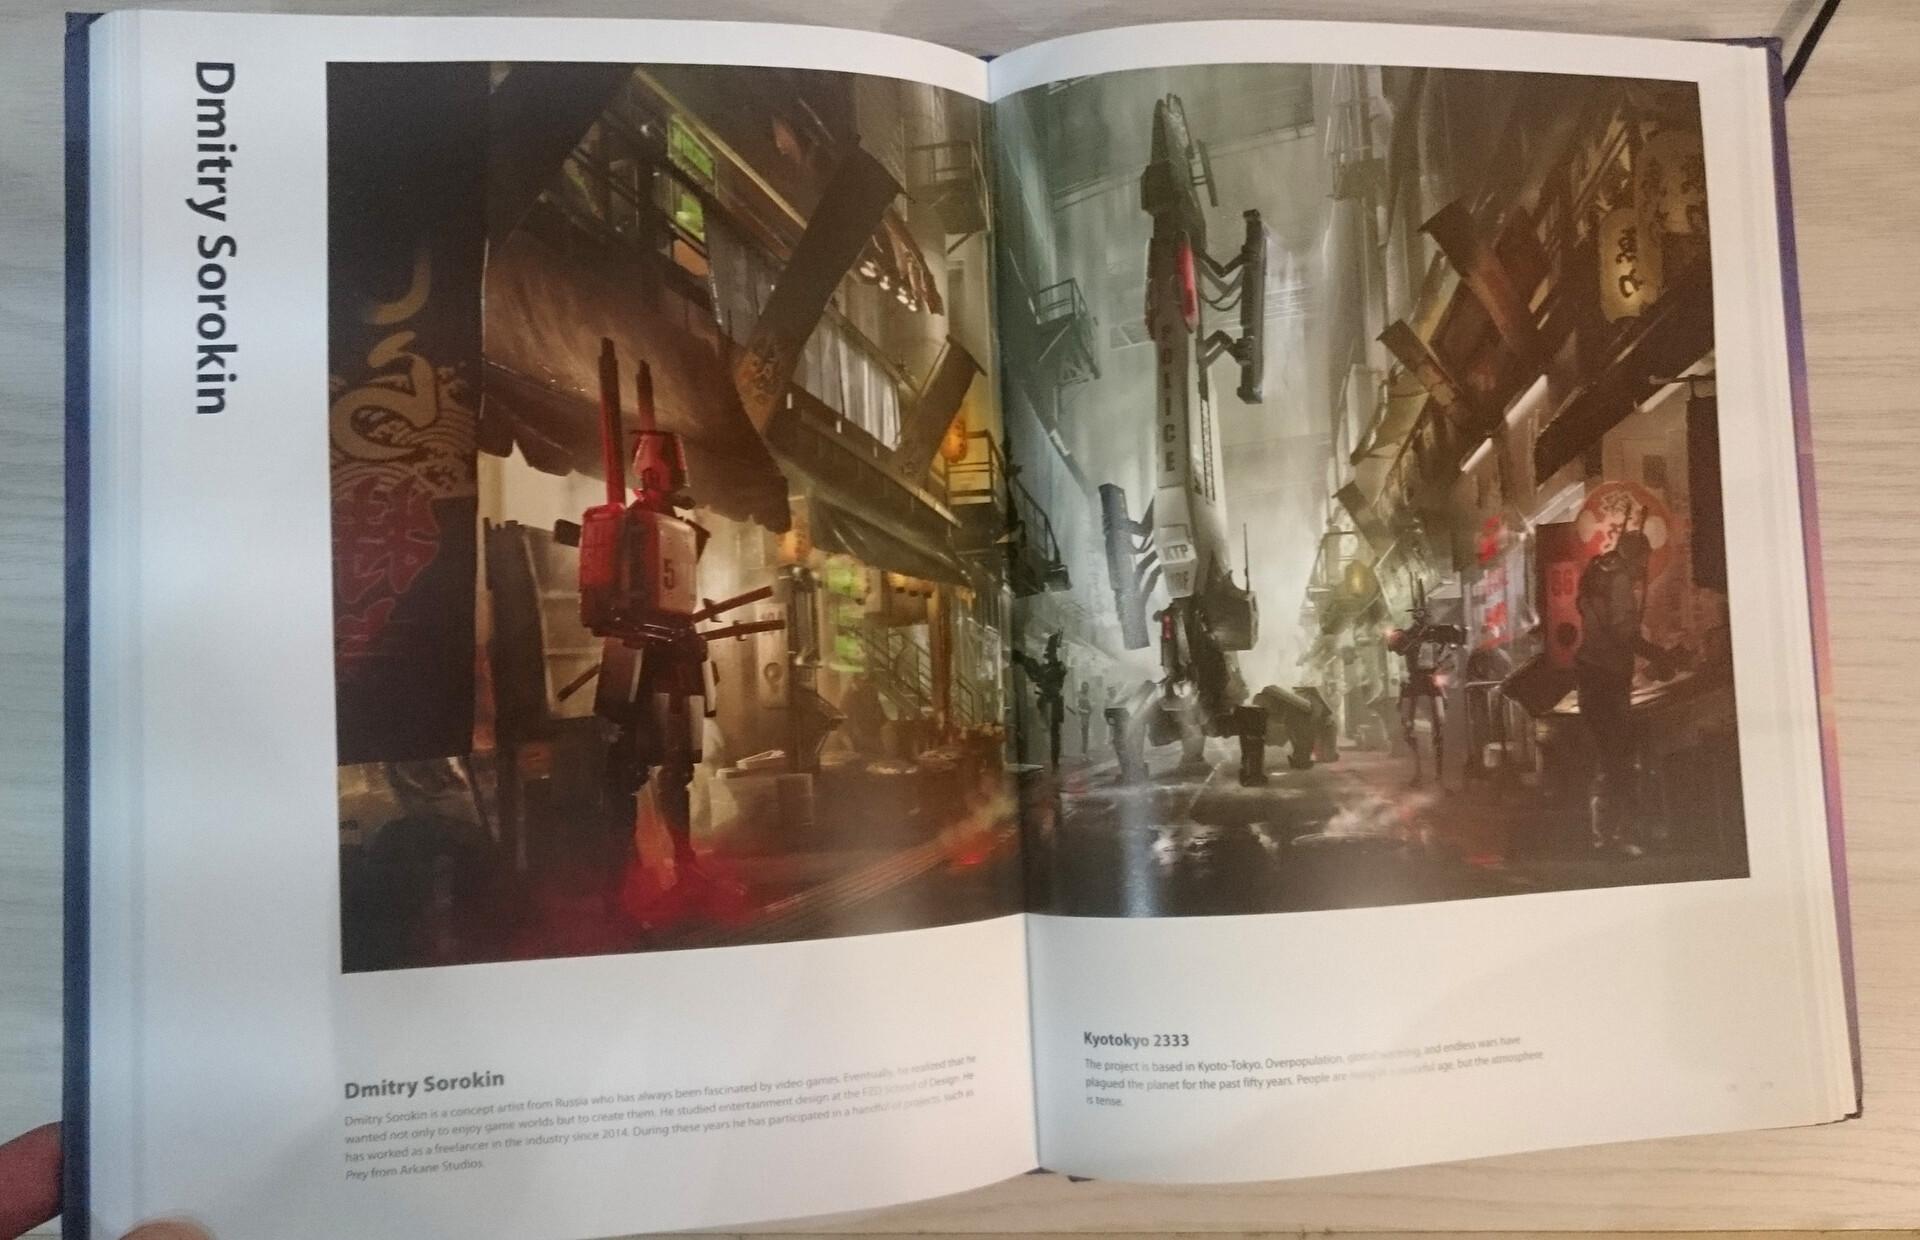 ArtStation - Dmitry Sorokin - Game Design Next Level